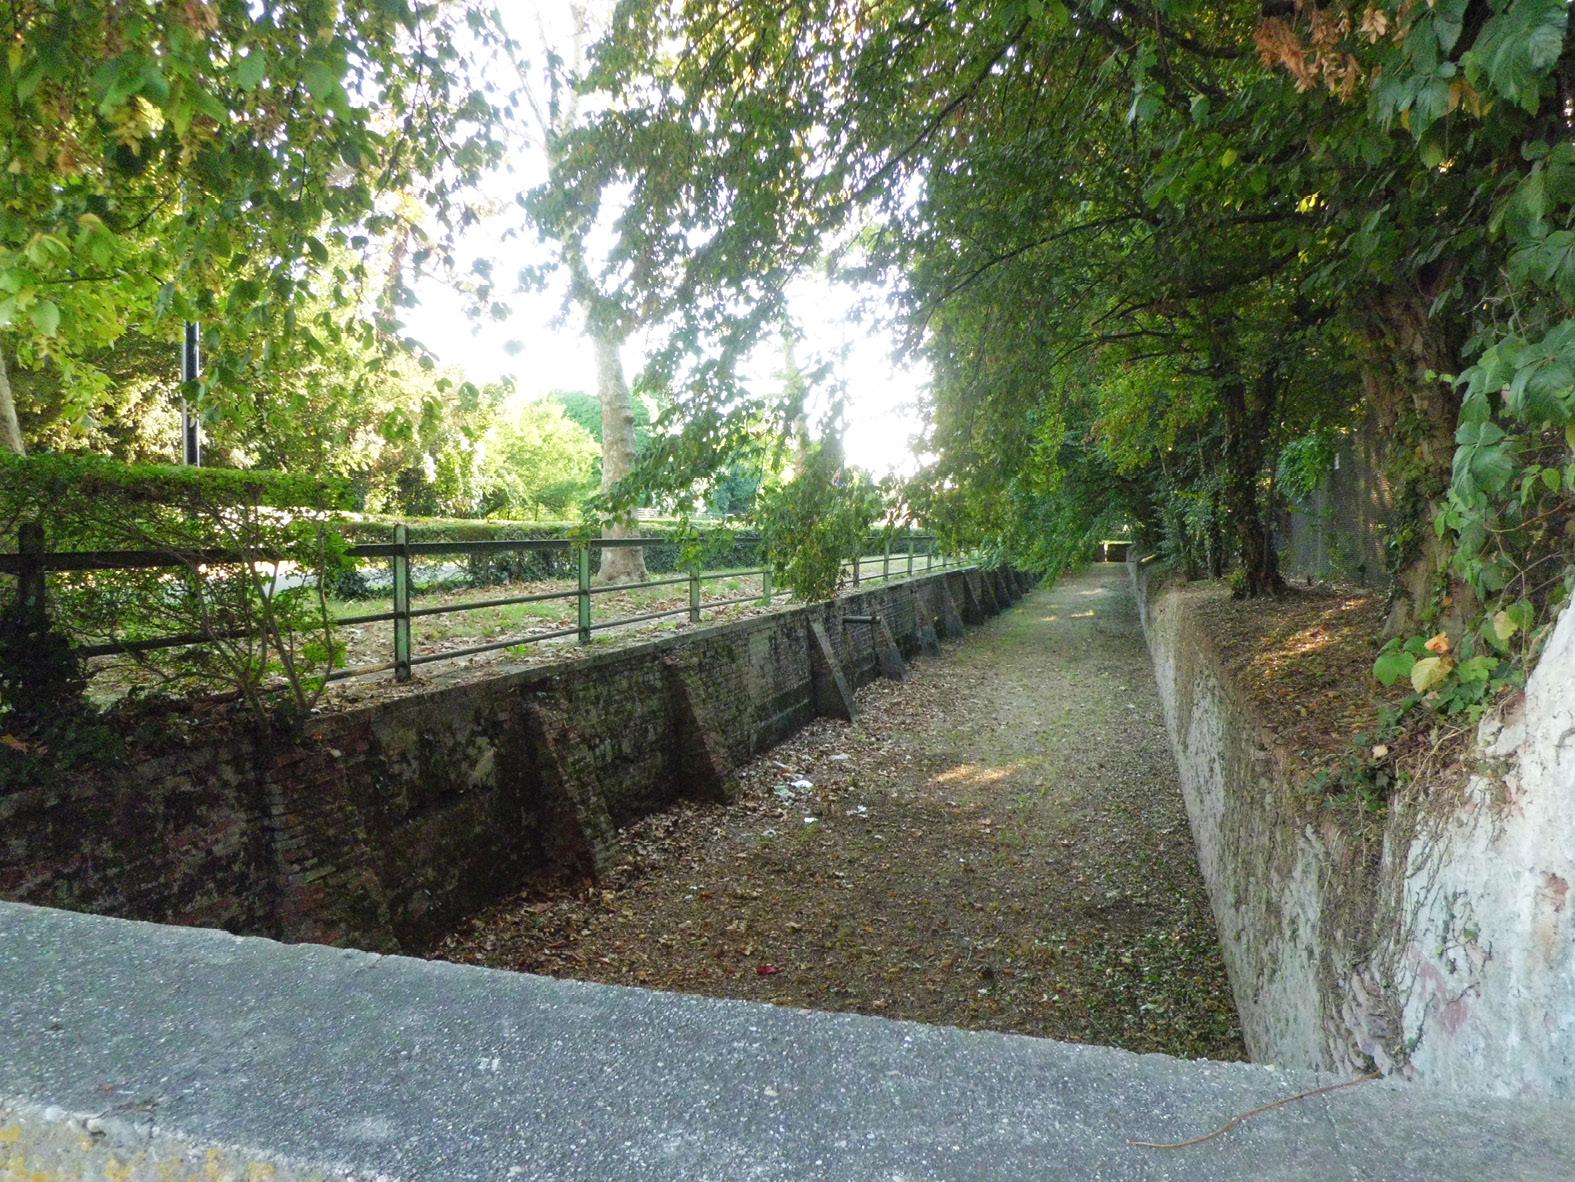 The entrance of Villa Emo